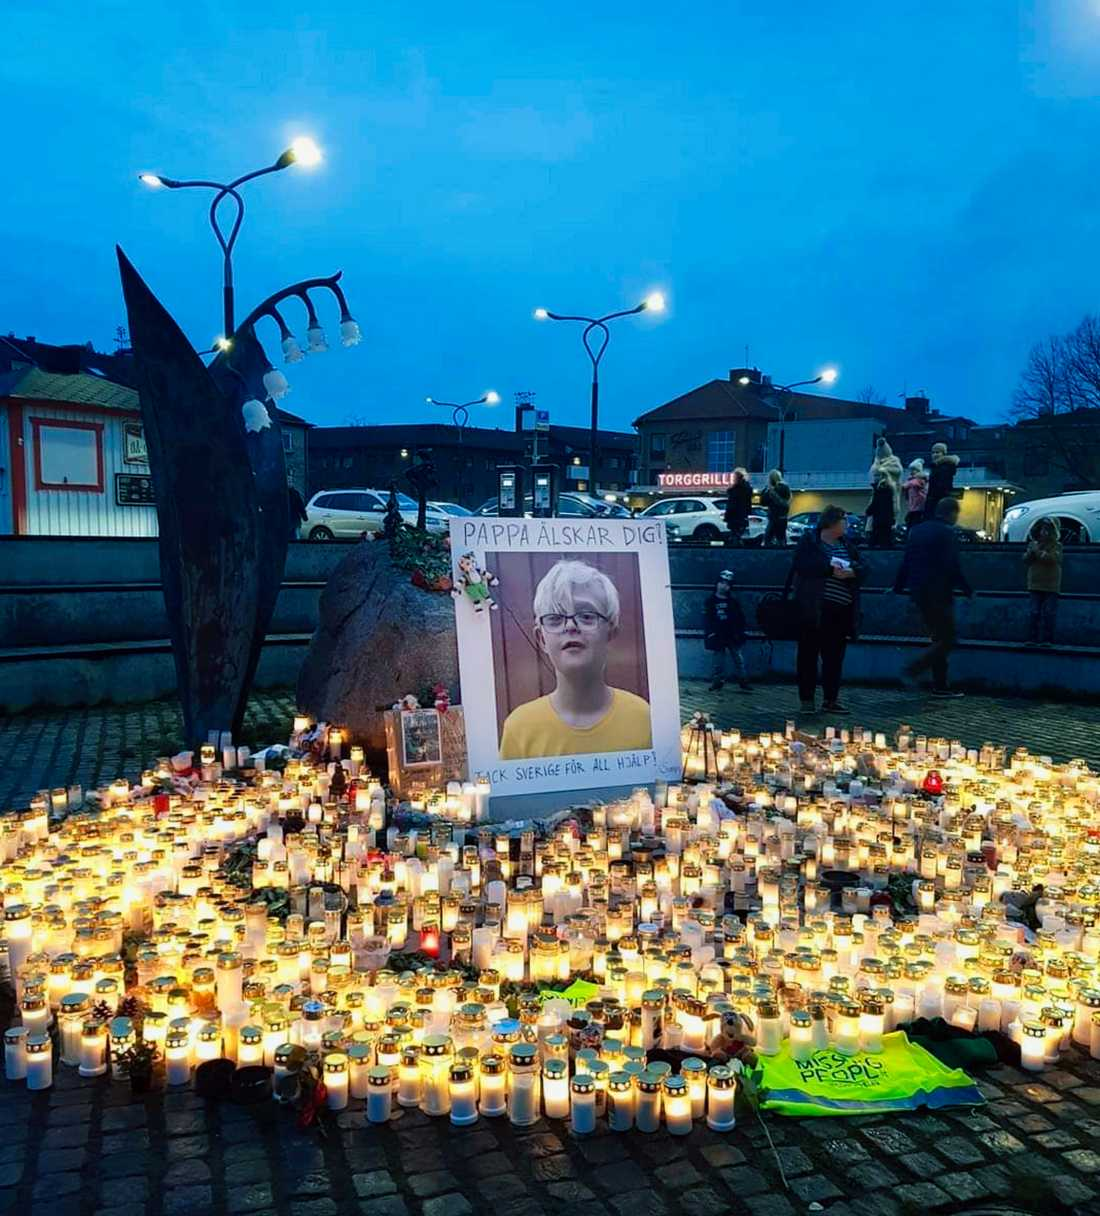 Dantes pappa tackade alla som engagerat sig med en skylt på torget i Falkenberg. Hundratals ljus har tänts till minne av Dante.